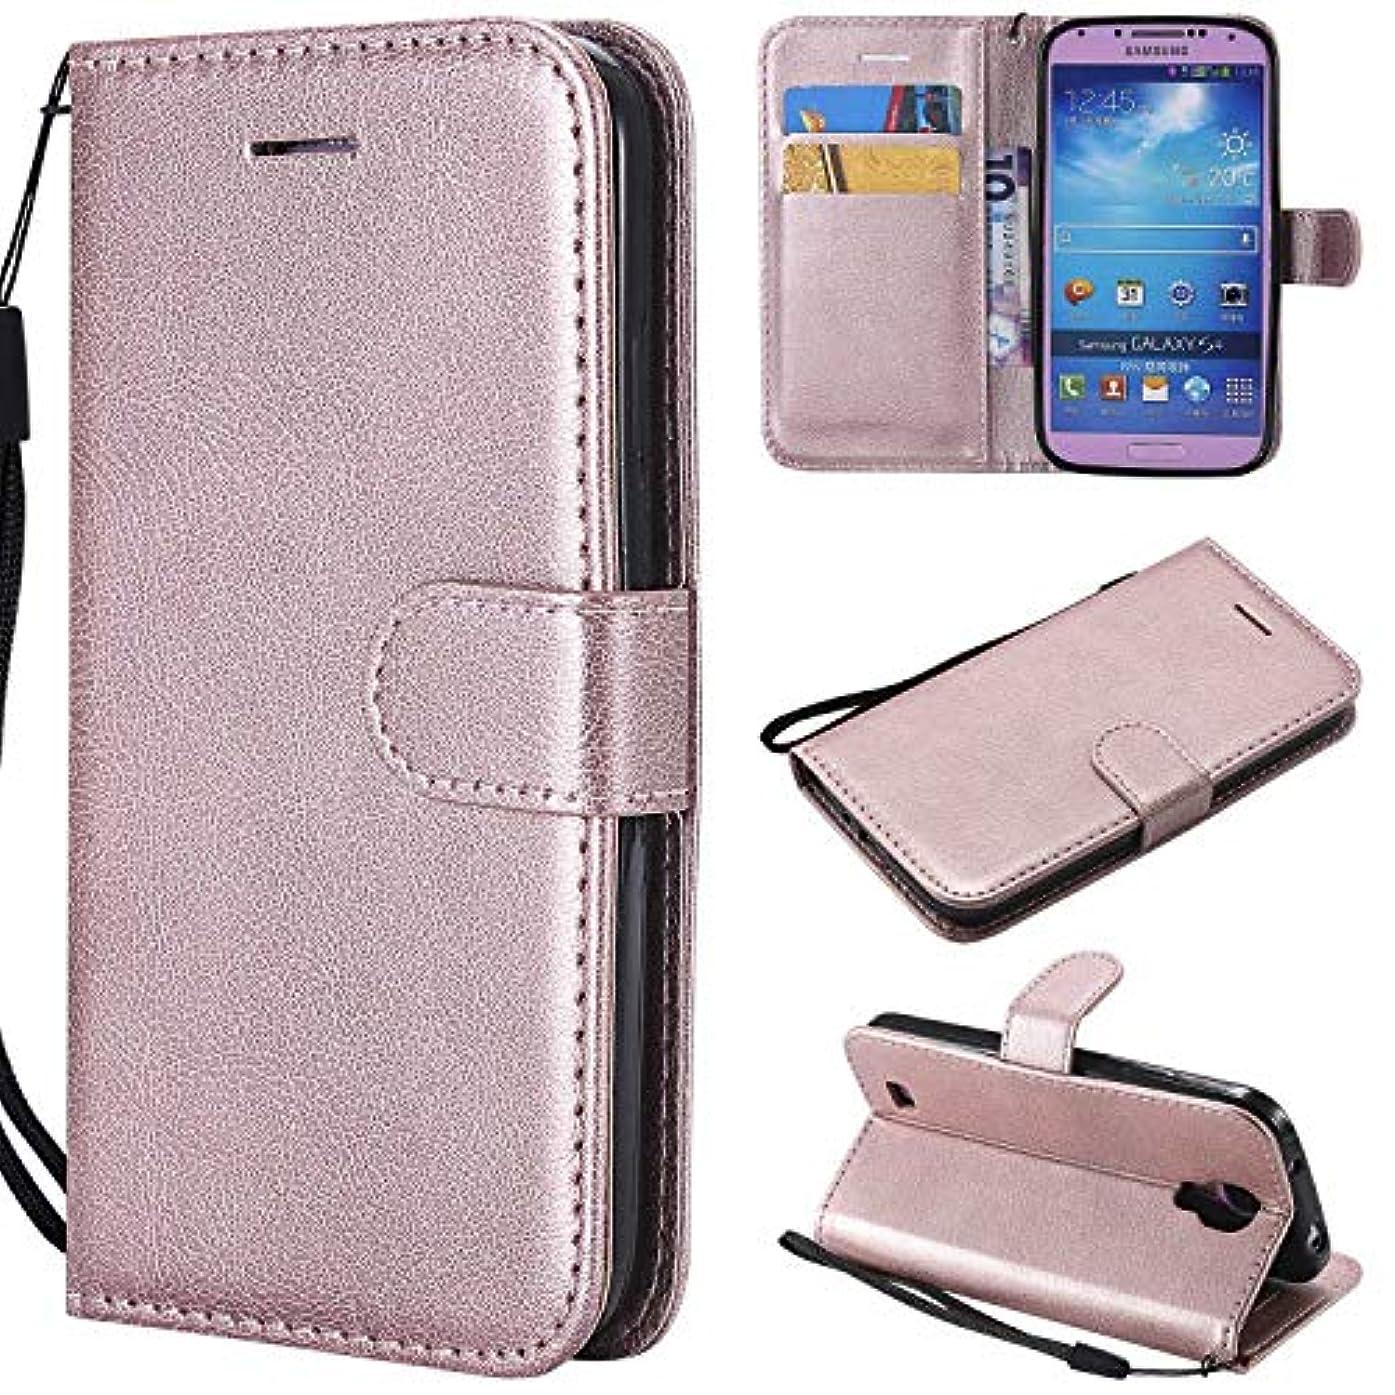 やけど屈辱するフラッシュのように素早くGalaxy S4 ケース手帳型 OMATENTI レザー 革 薄型 手帳型カバー カード入れ スタンド機能 サムスン Galaxy S4 おしゃれ 手帳ケース (4-ローズゴールド)